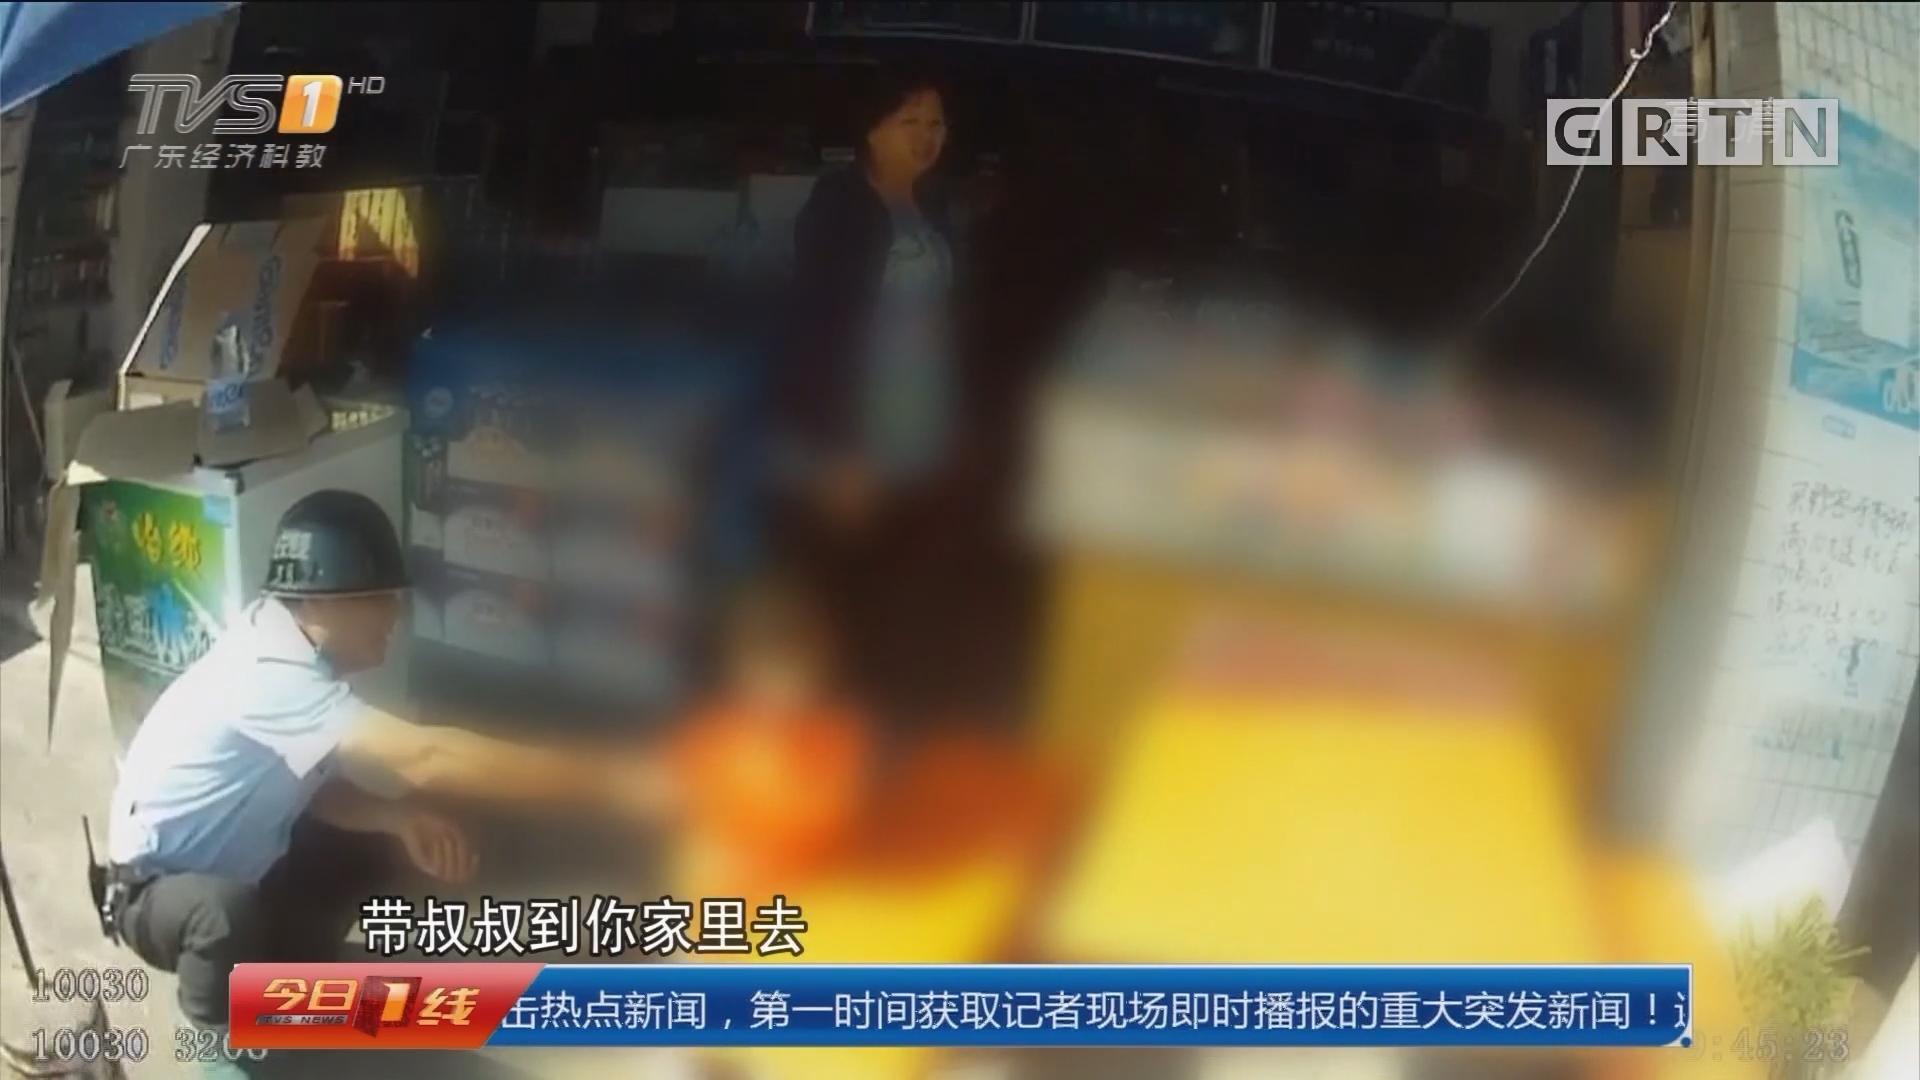 佛山禅城:两岁娃迷途进便利店 好心人收留报警